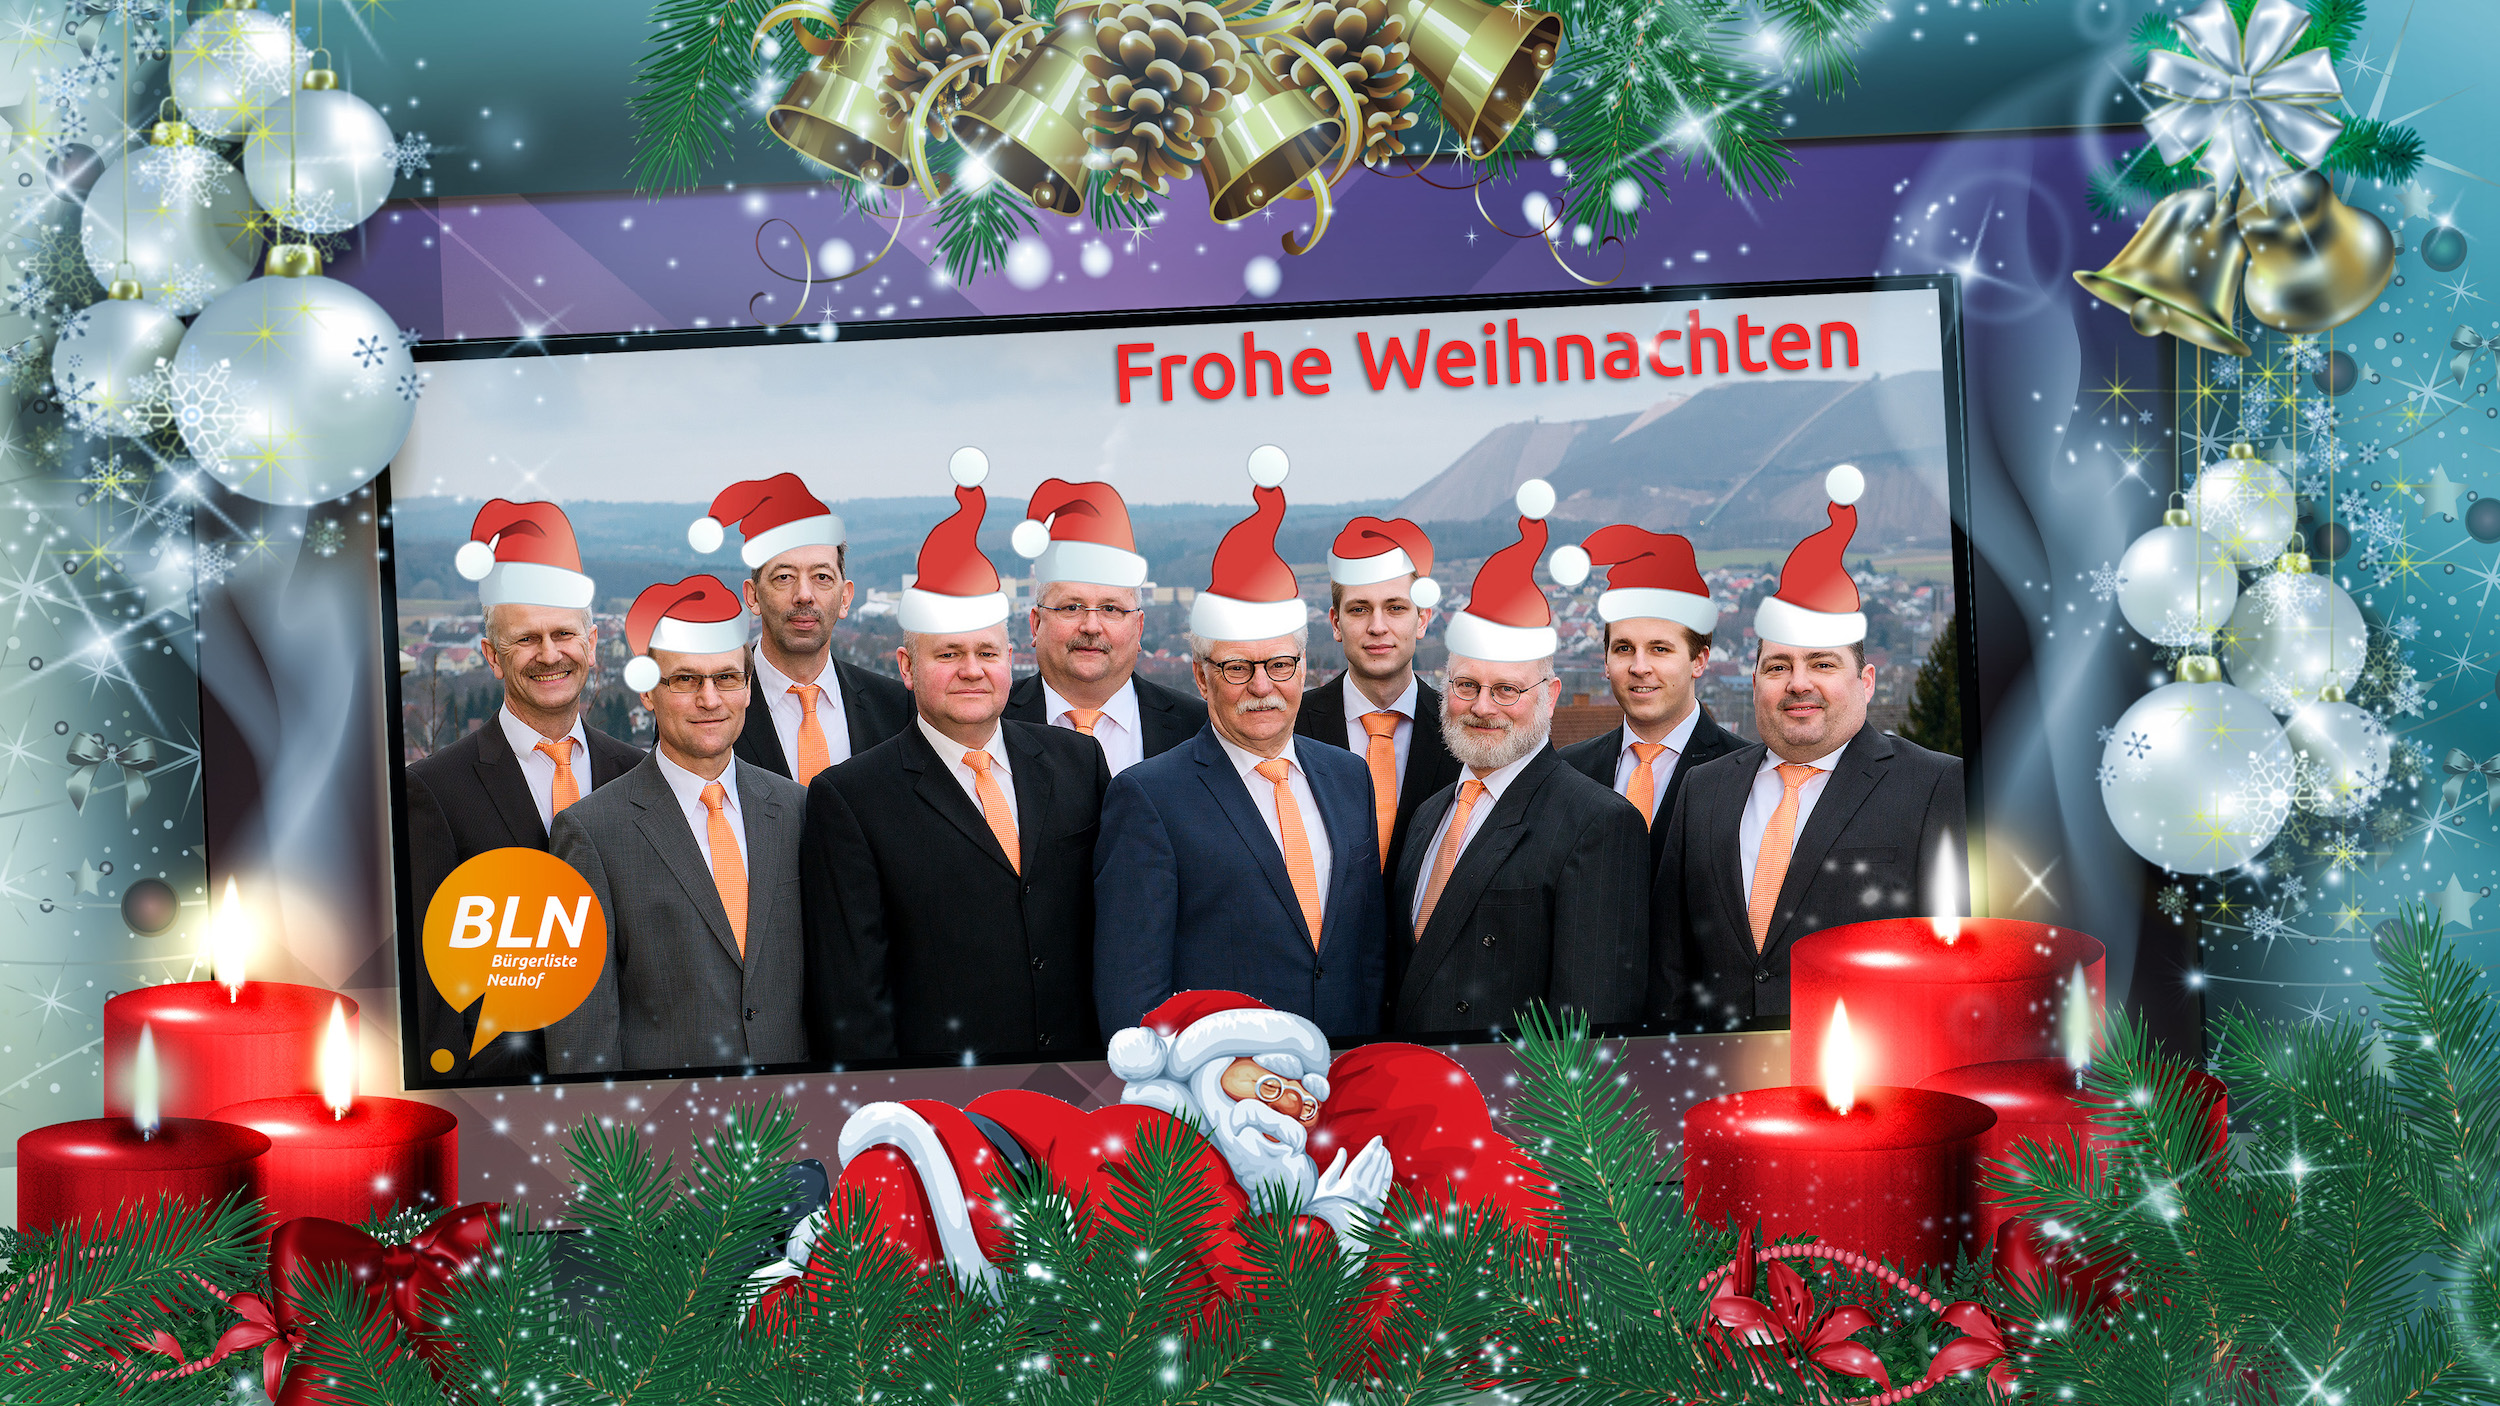 Frohe Weihnachten - Bürgerliste Neuhof